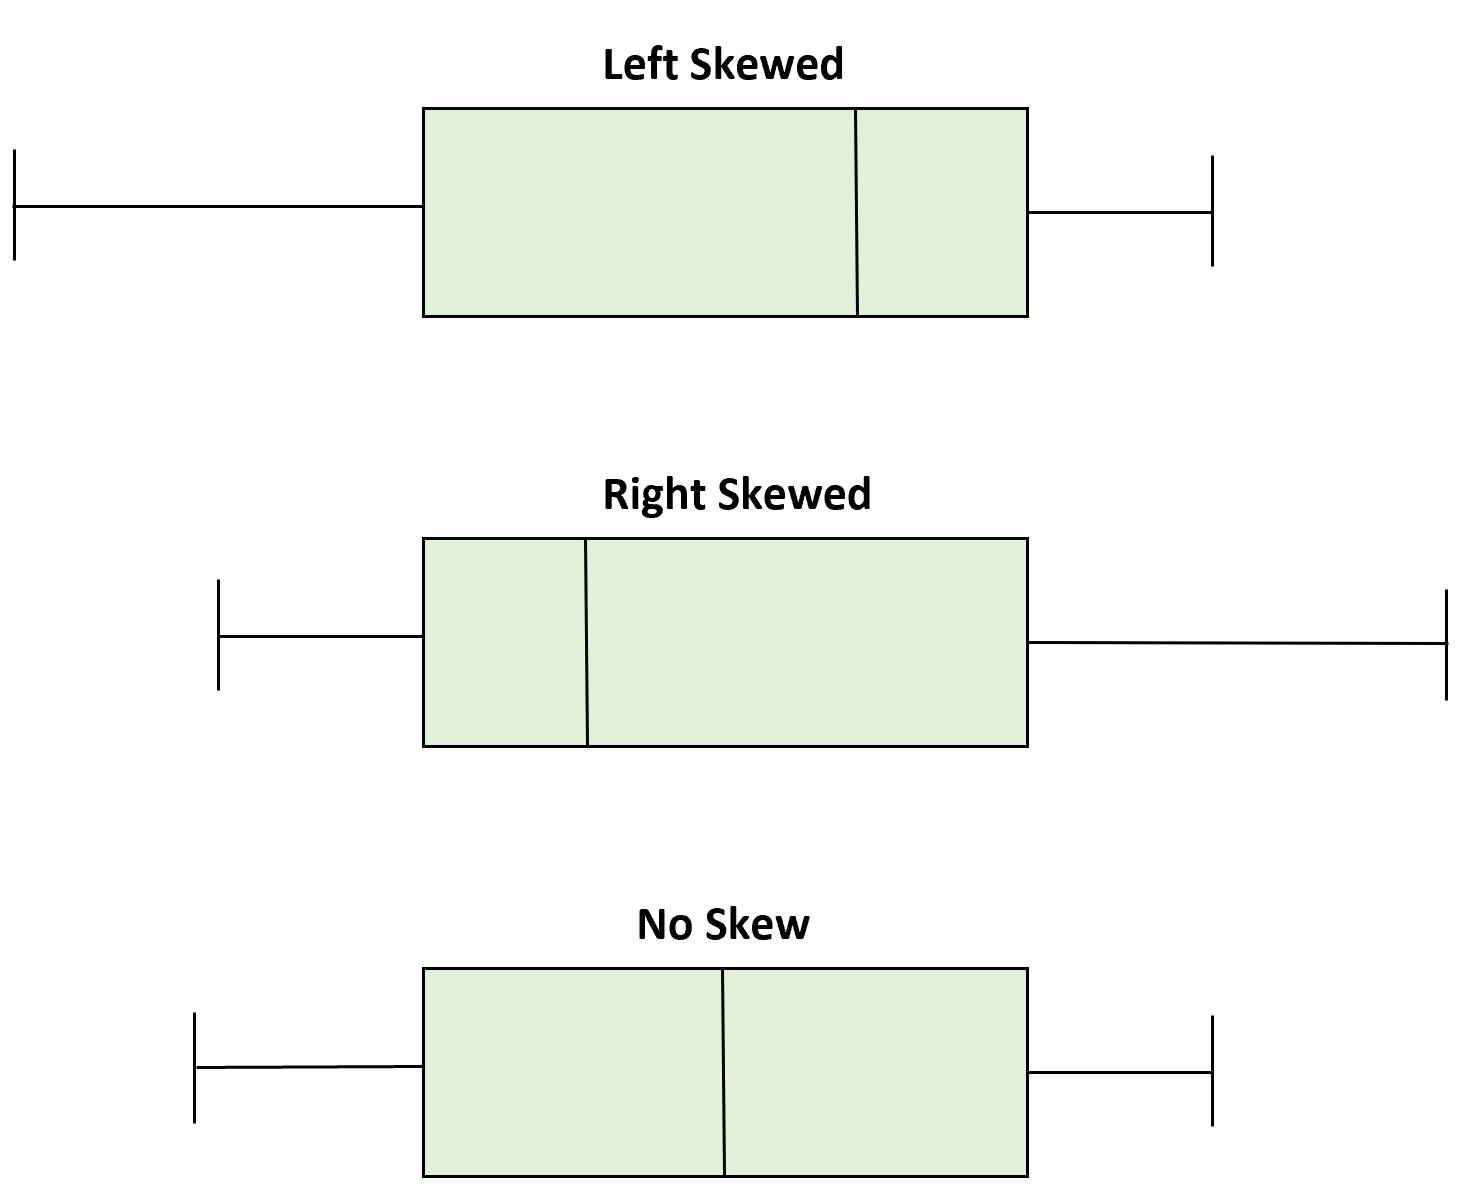 Visualizing skewness with boxplots